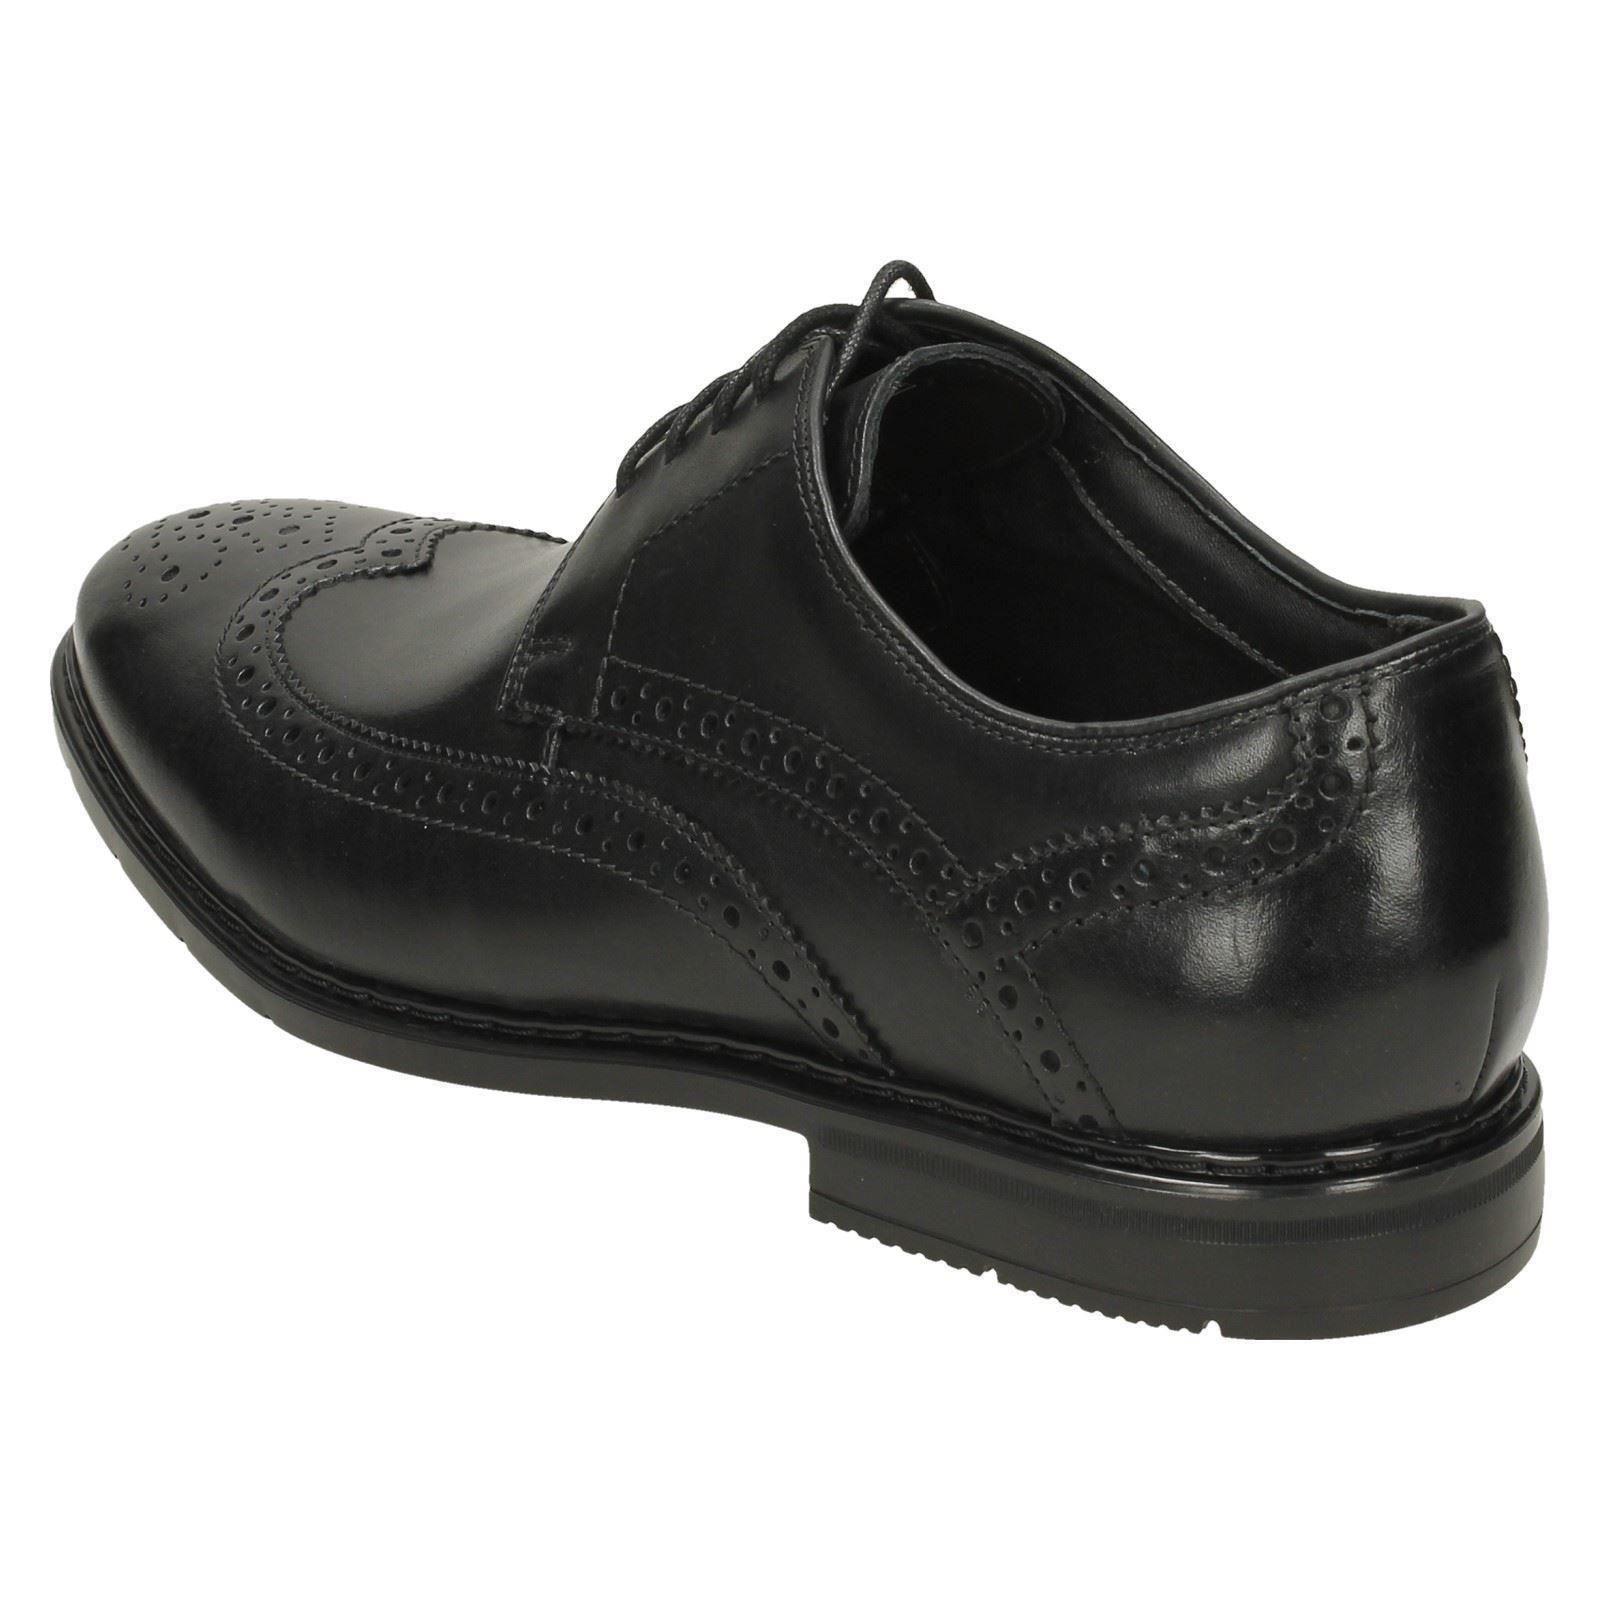 Cordones Clarks Banbury Con Zapatos Formal Hombre Oxford Limite fxHqw